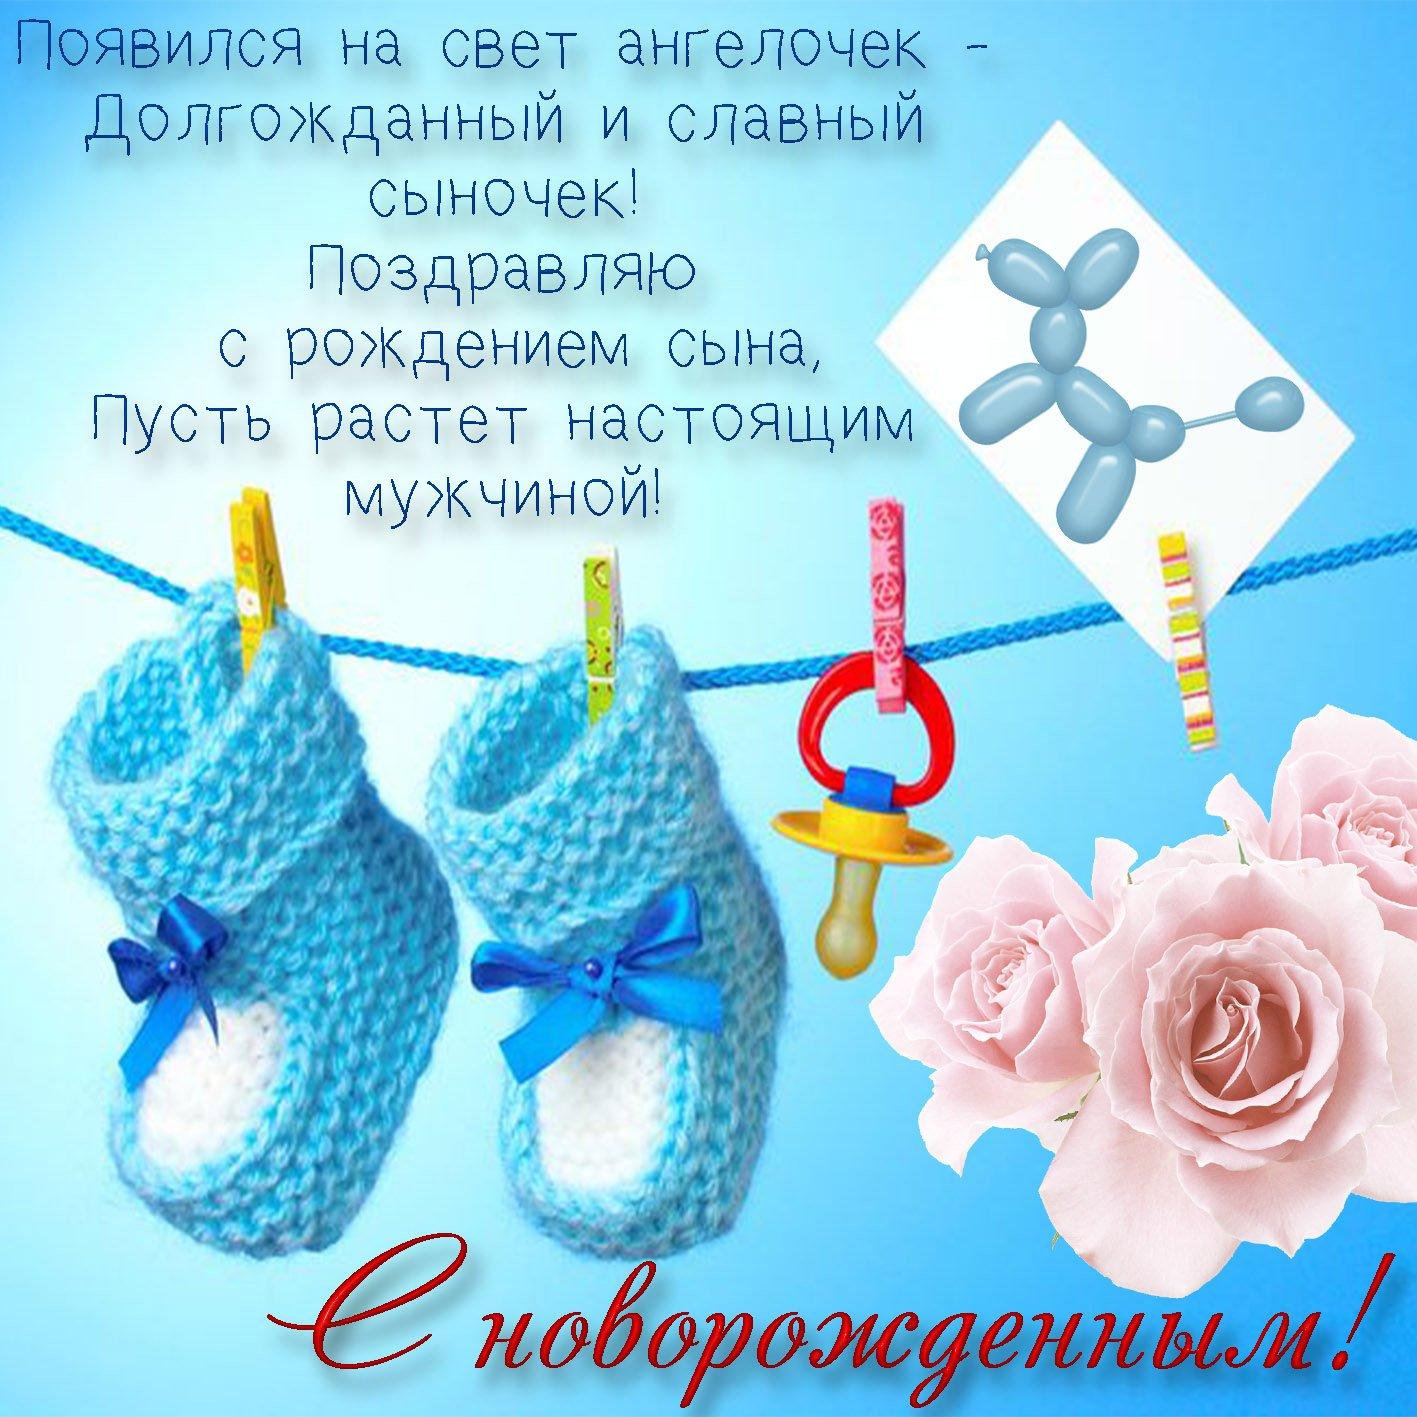 Поздравления с новорожденным сыном картинки красивые, шелковыми лентами открытки